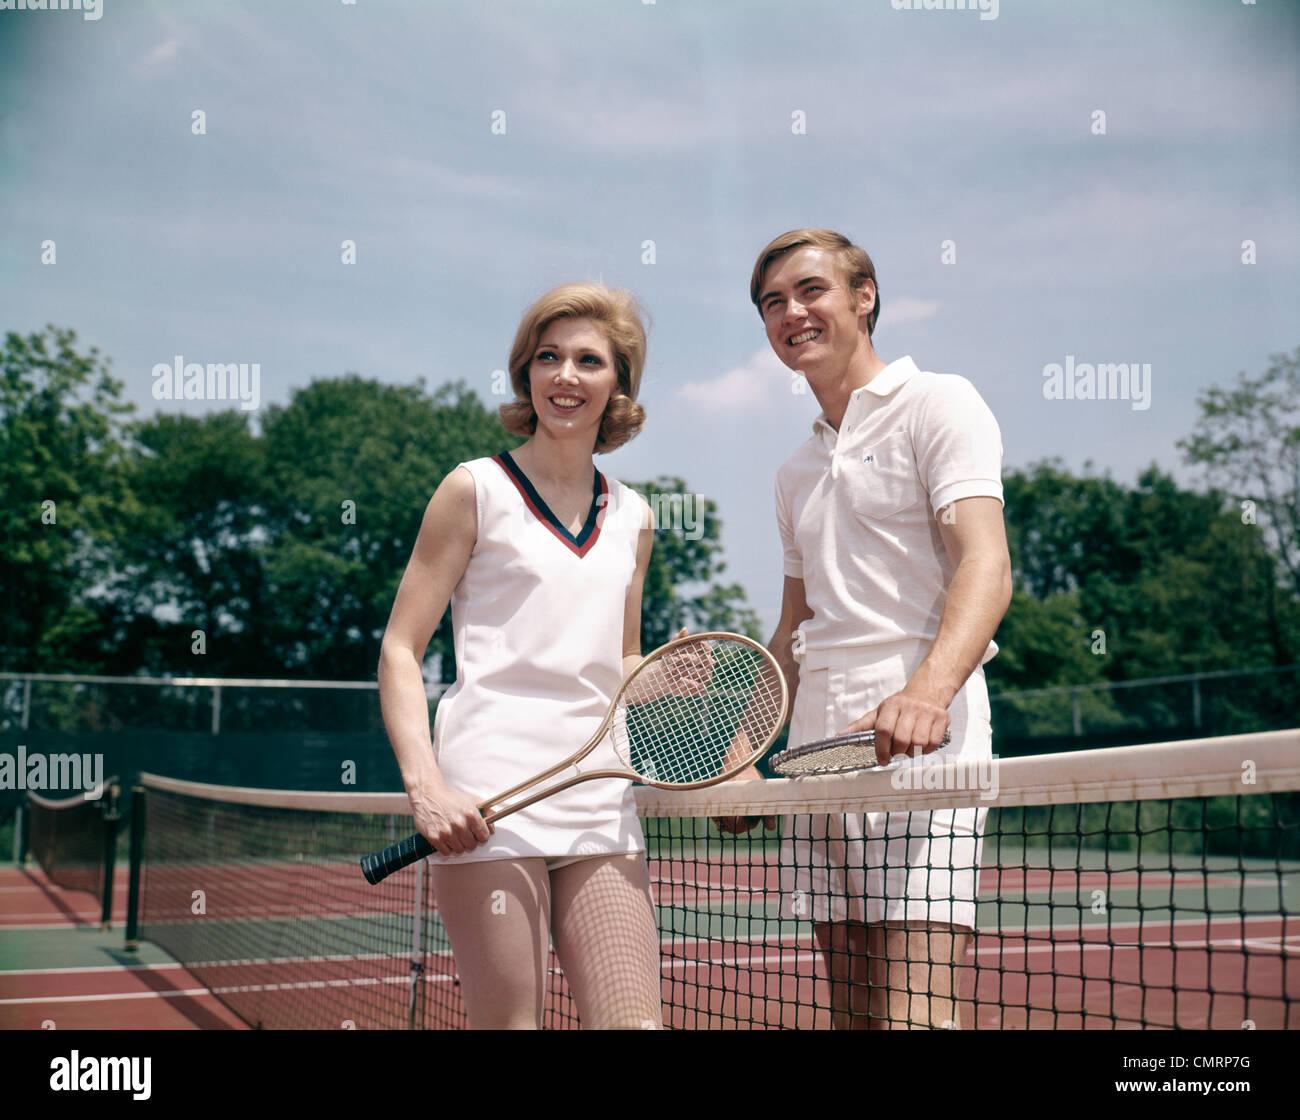 1970 1970 RETRO SONRIENTE PAREJA Hombre Mujer de pie en los lados opuestos de neto corte celebración raquetas Imagen De Stock